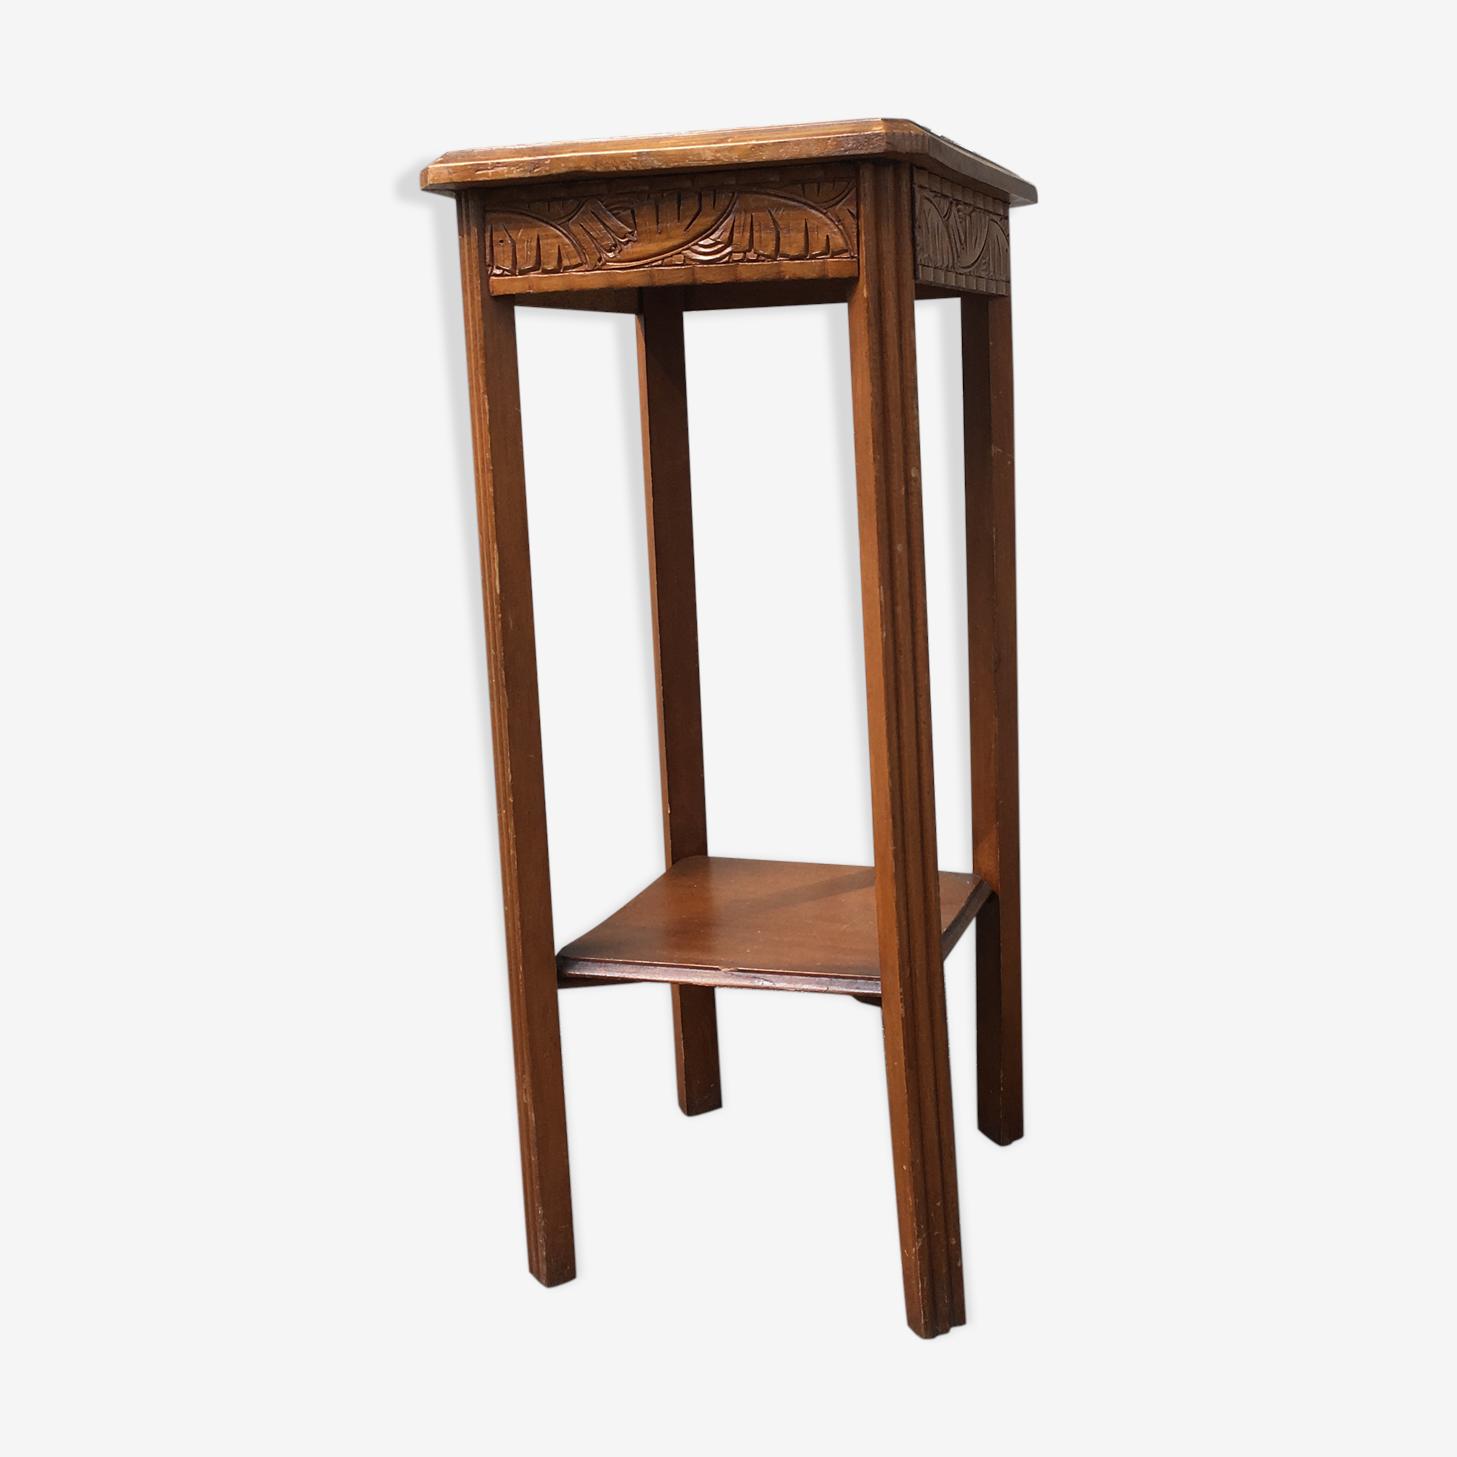 Sellette ou table d'appoint en bois art deco